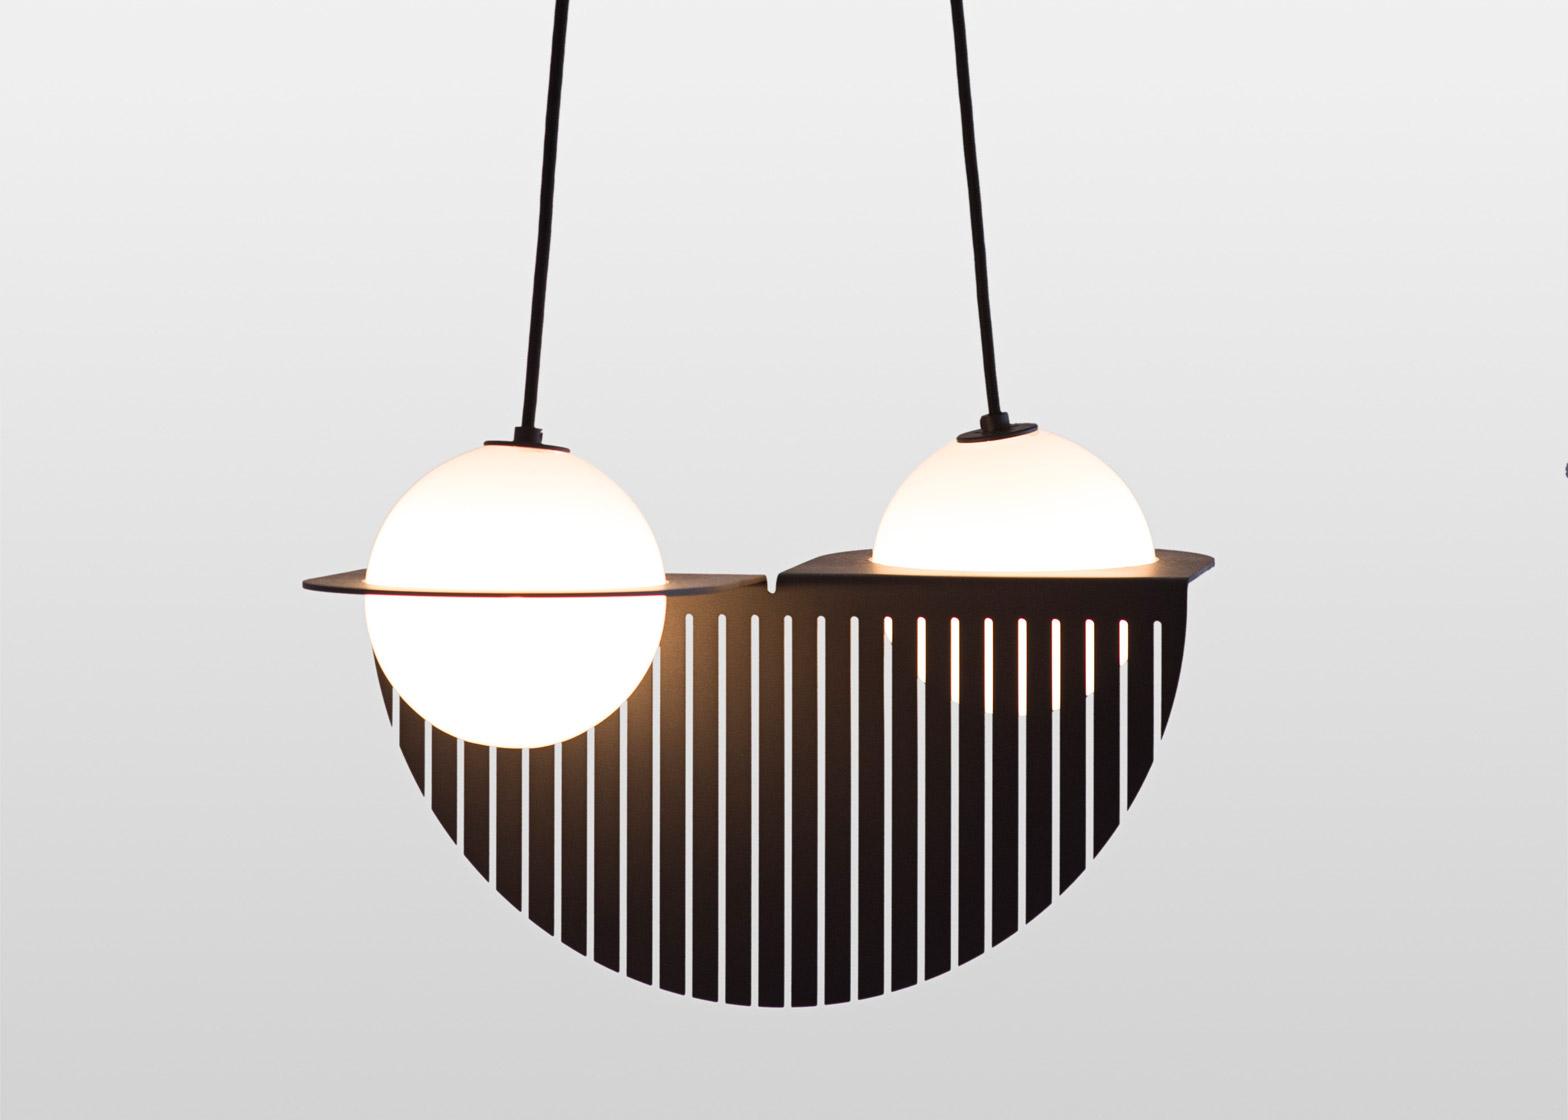 Lighting by Laurent & Fils